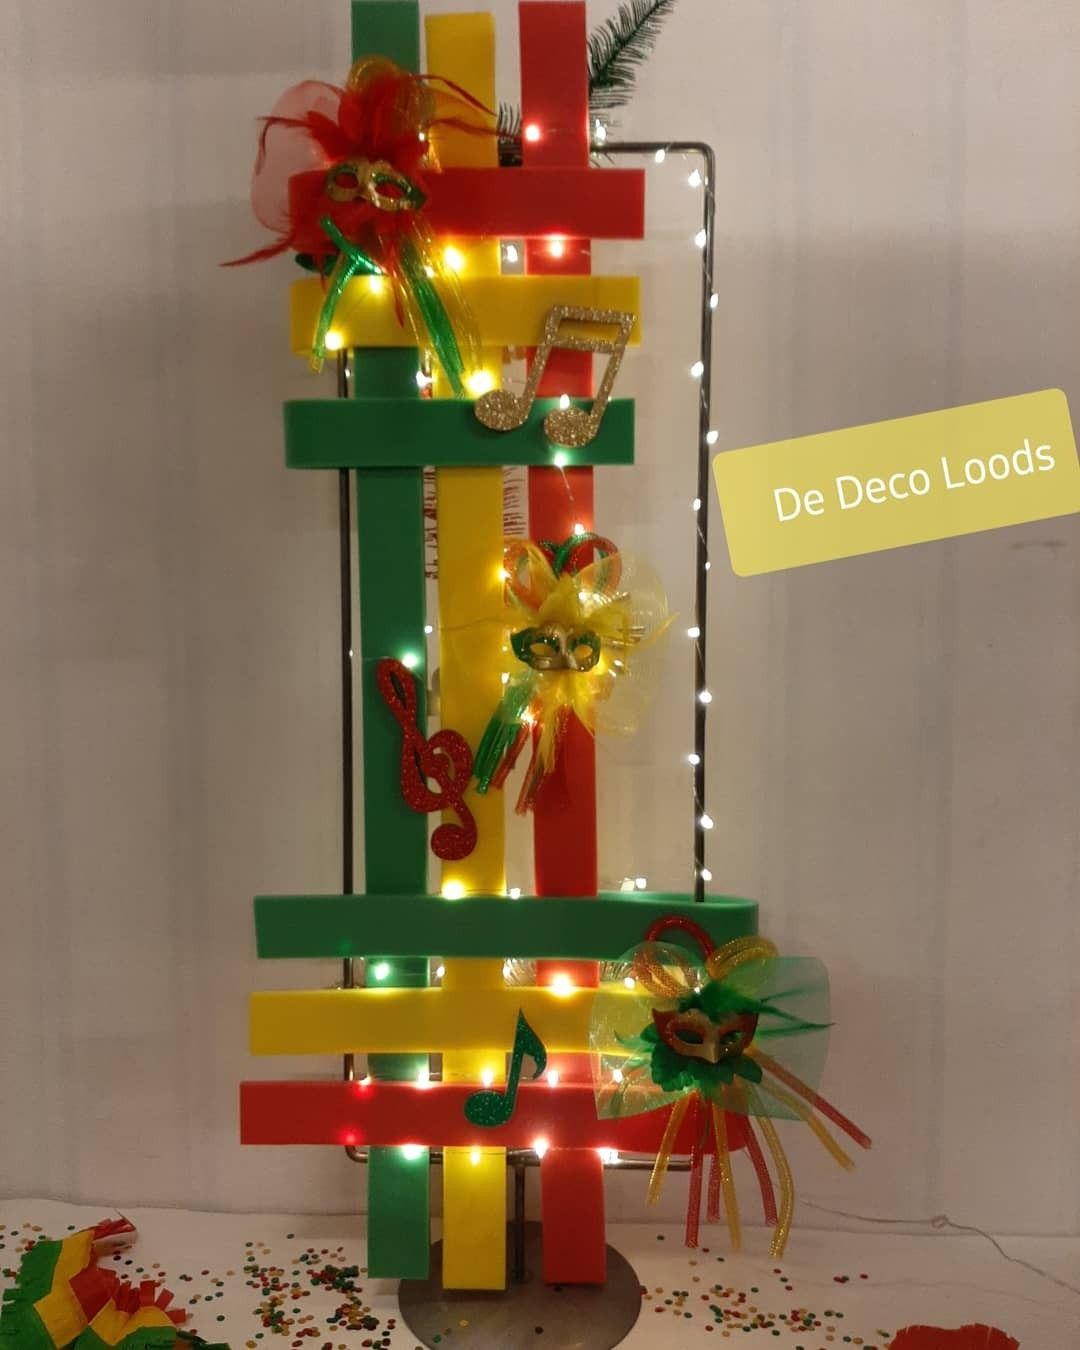 Carnaval In Limburg Carnaval De Deco Loods Decoratie Alaaf Roodgeelgreun In 2021 Carnaval Decoraties Decoraties Decoratie